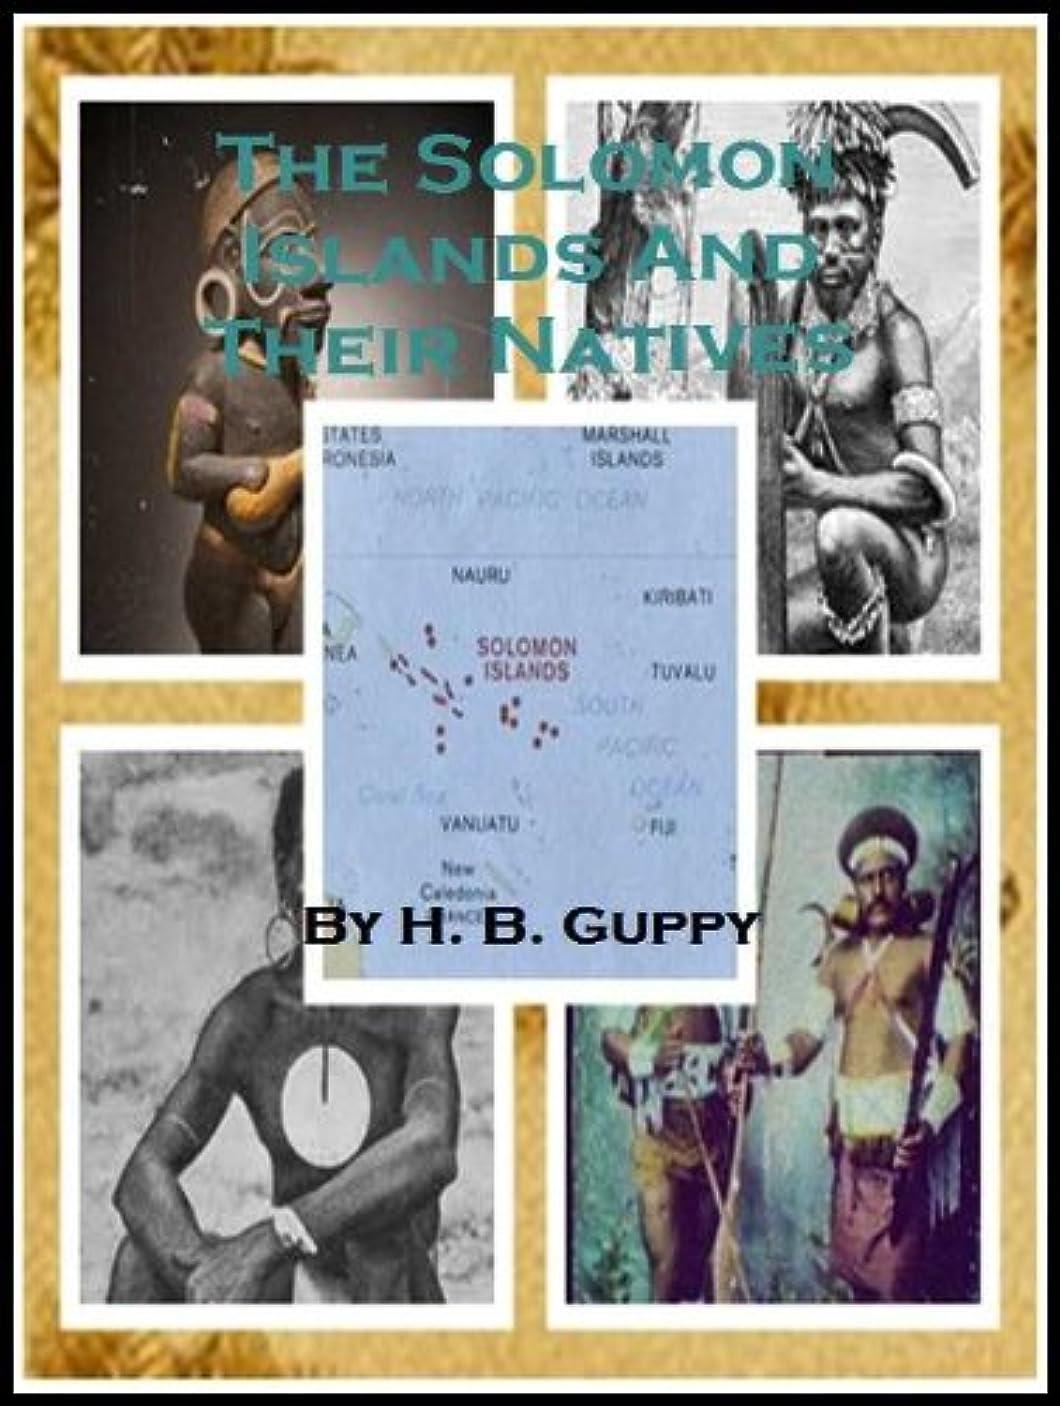 どんなときも固執添加剤The Solomon Islands and Their Natives (English Edition)